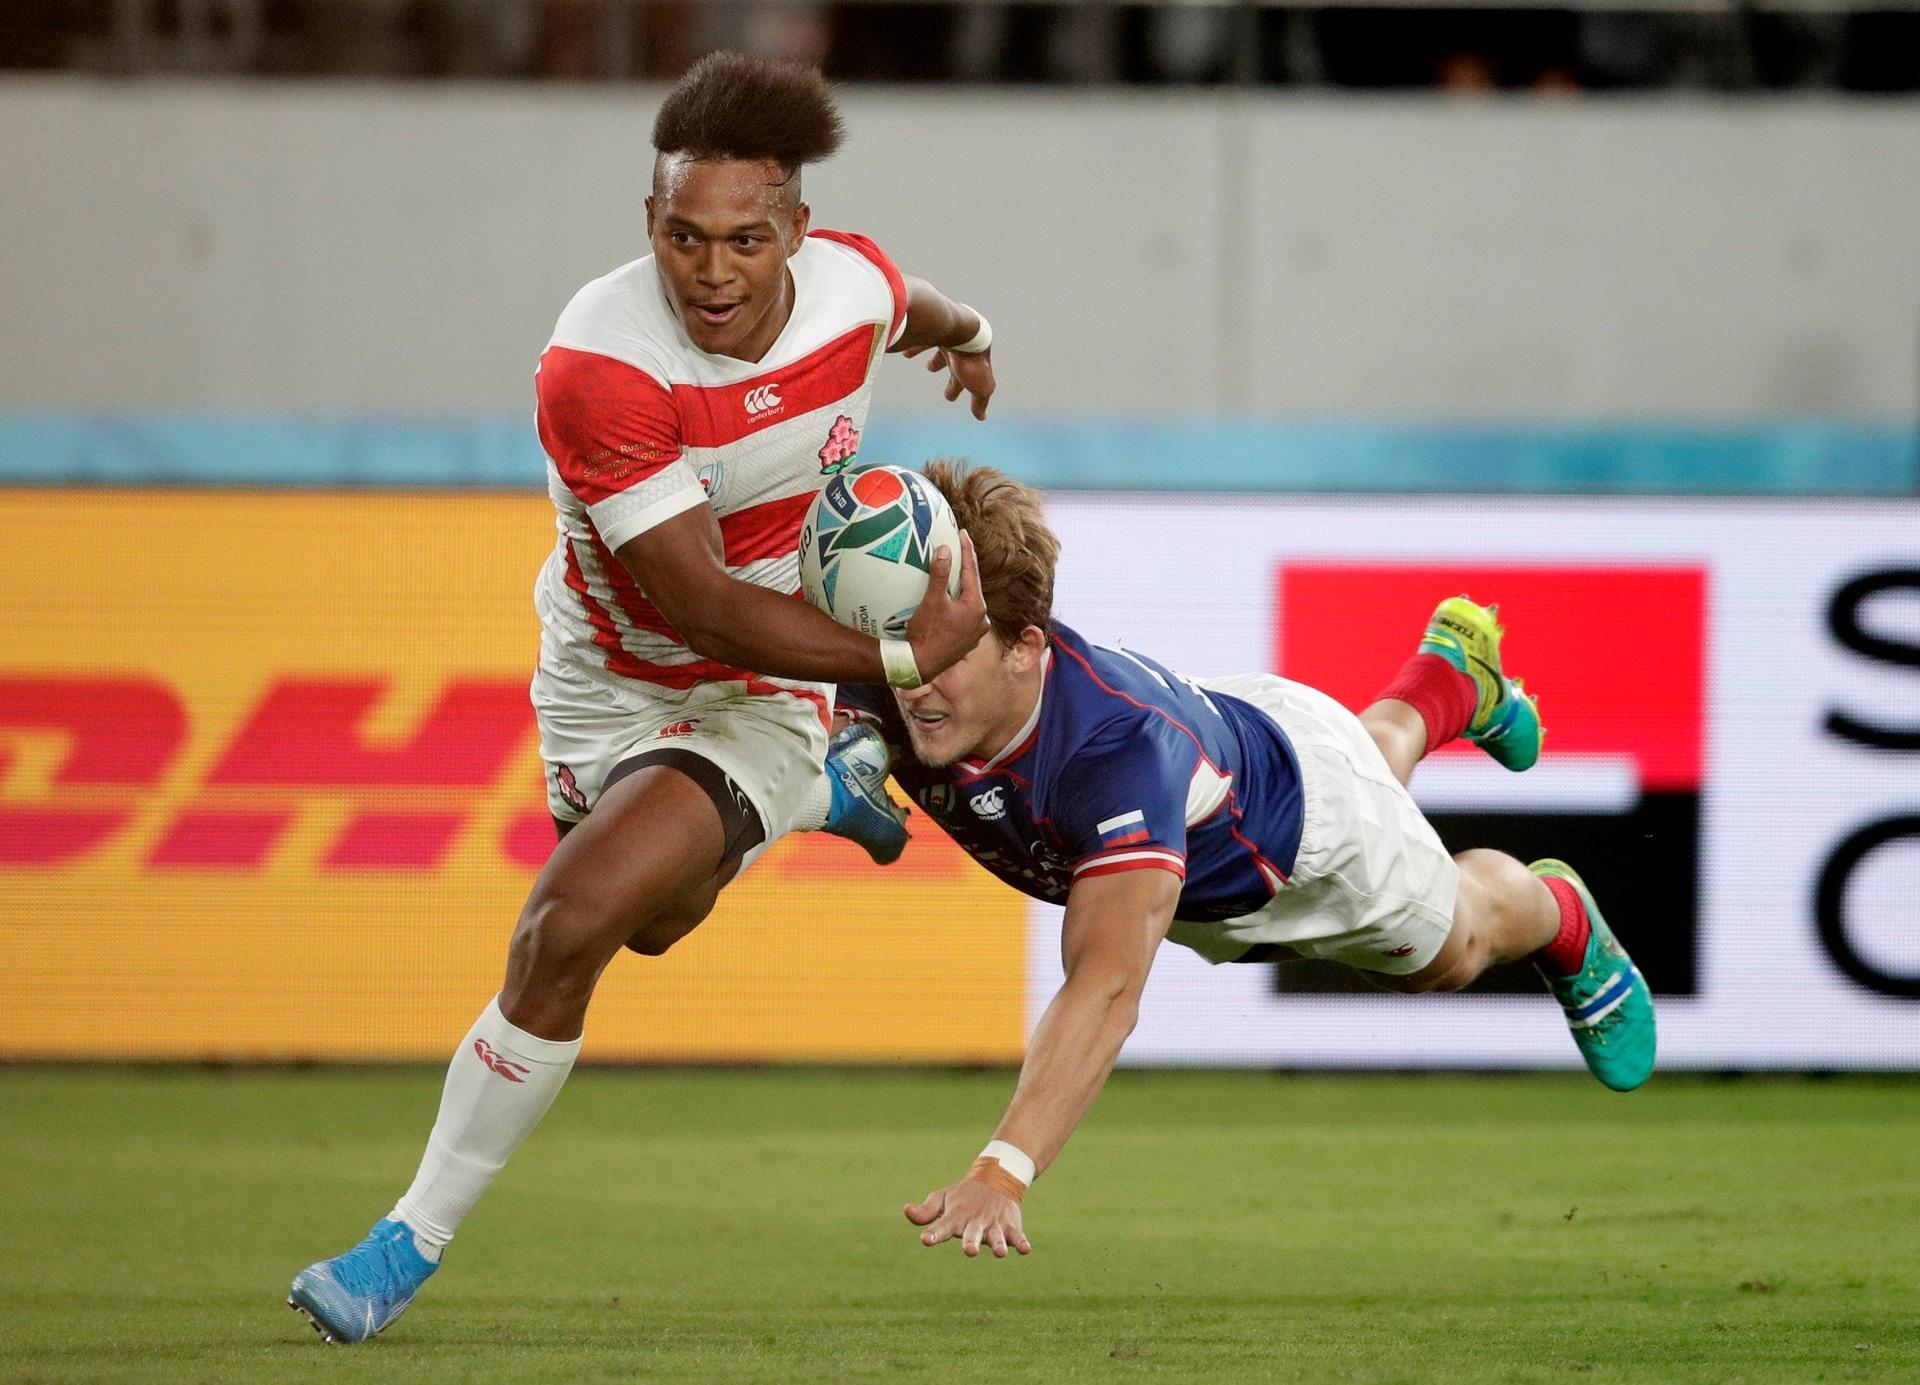 We're underway! Hat-trick hero saves Japan in Rugby World Cup opener